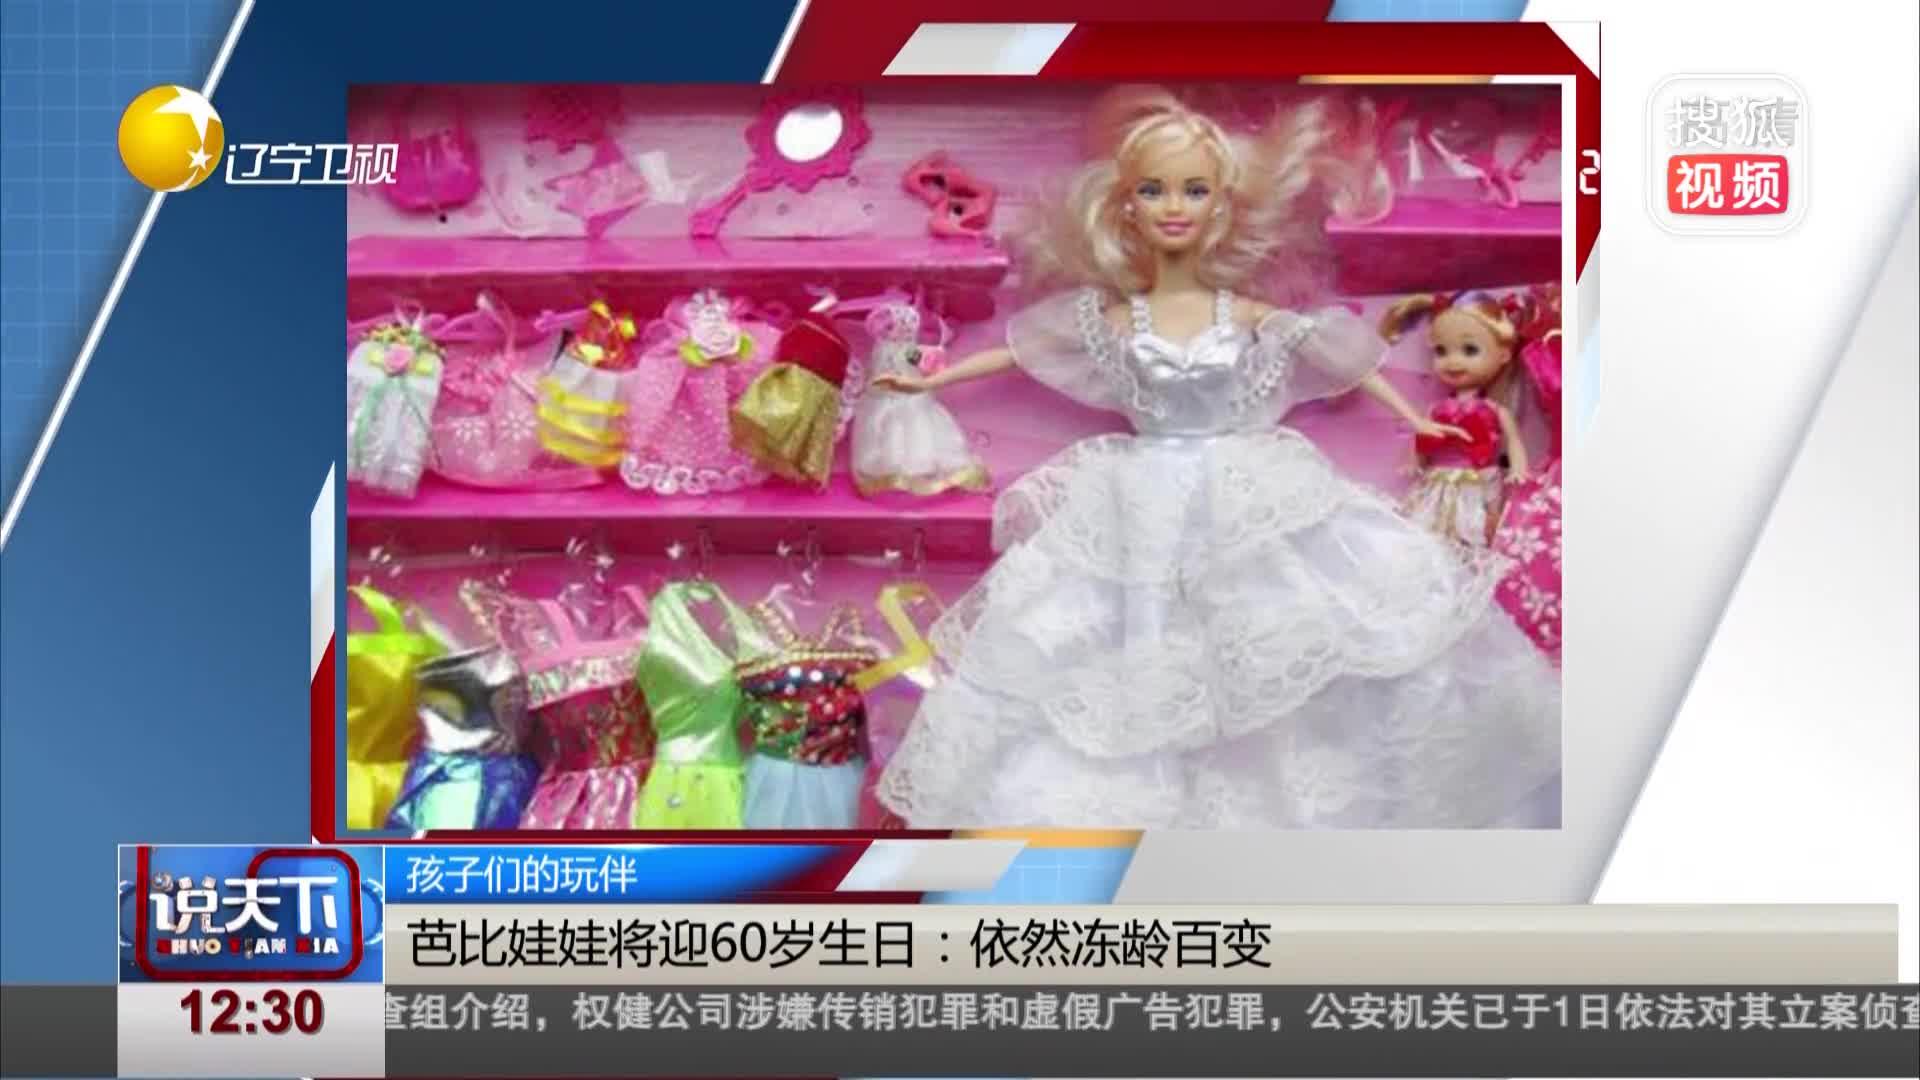 [视频]芭比娃娃将迎60岁生日:依然冻龄百变